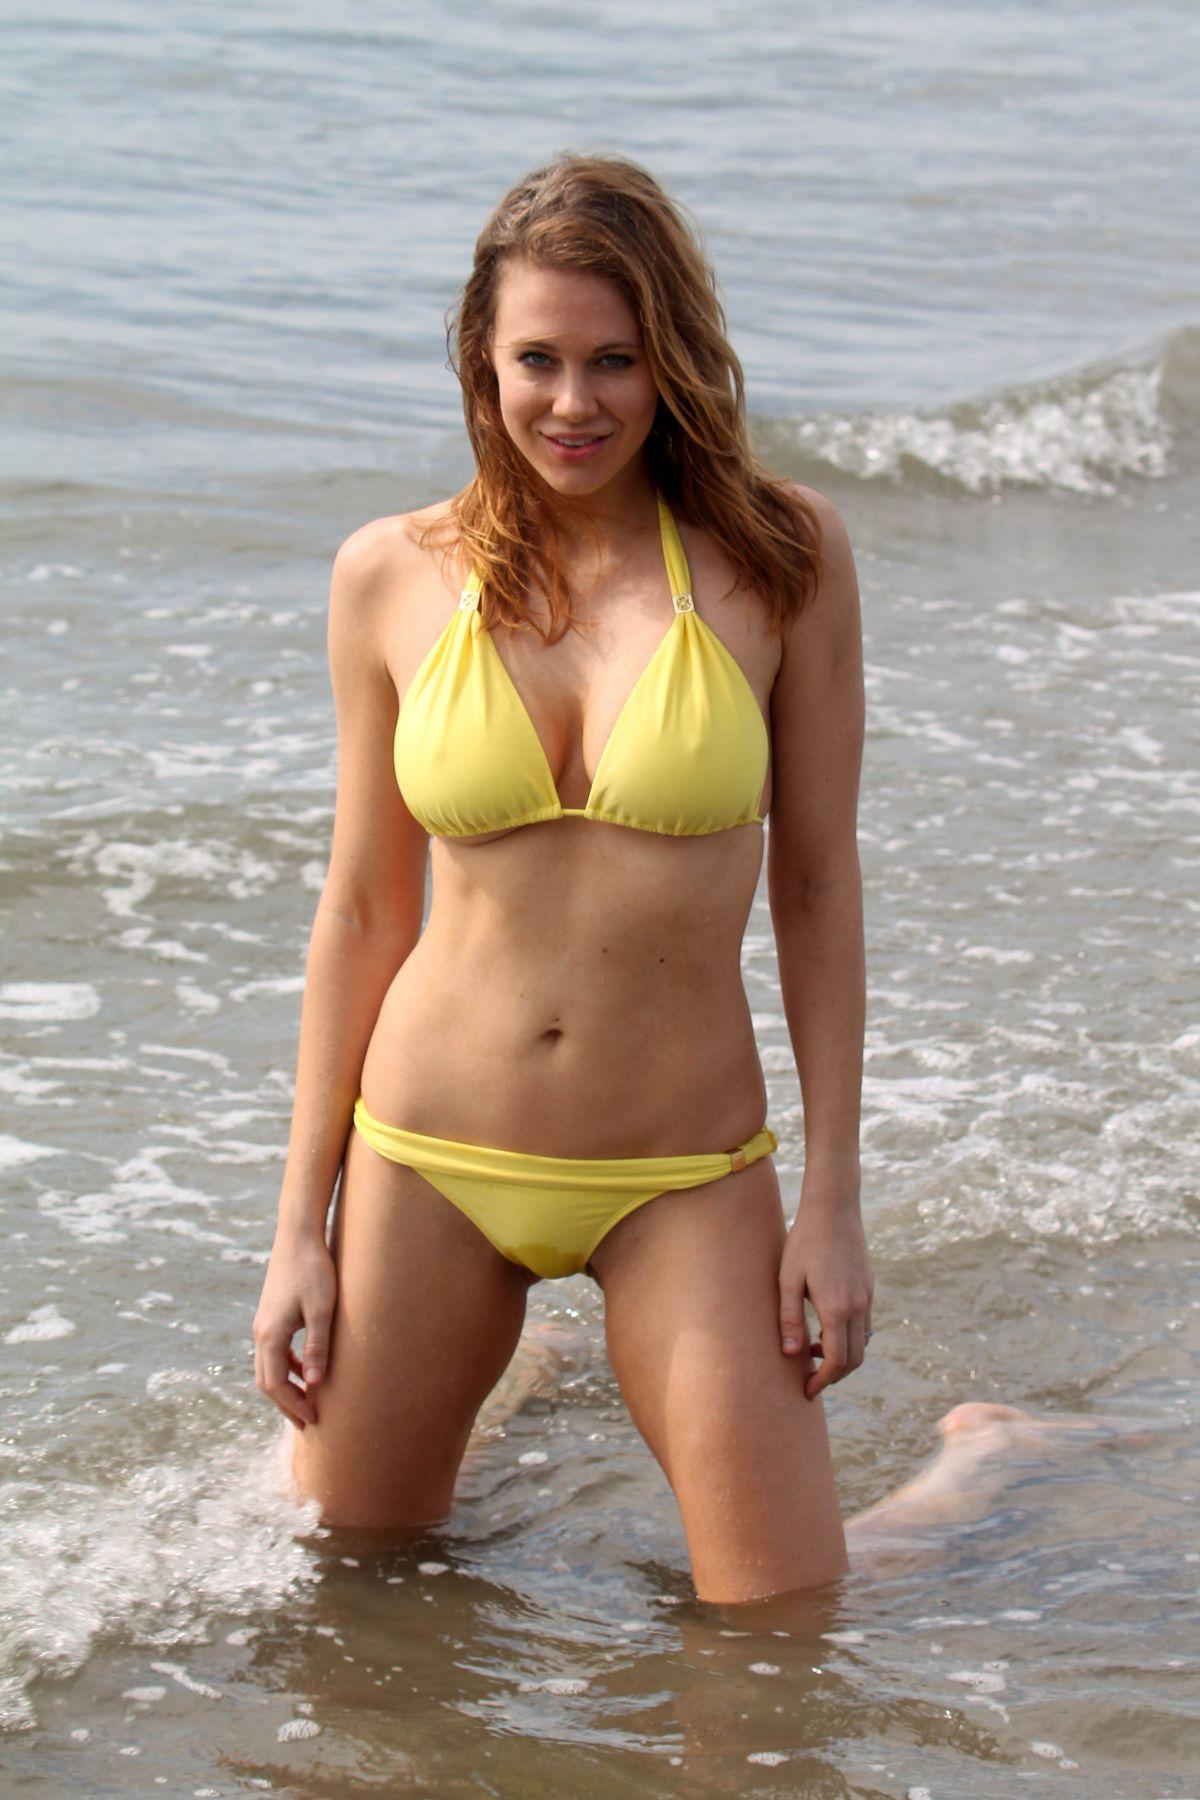 Bikini Maitland Ward Baxter nudes (96 photo), Ass, Hot, Feet, underwear 2019